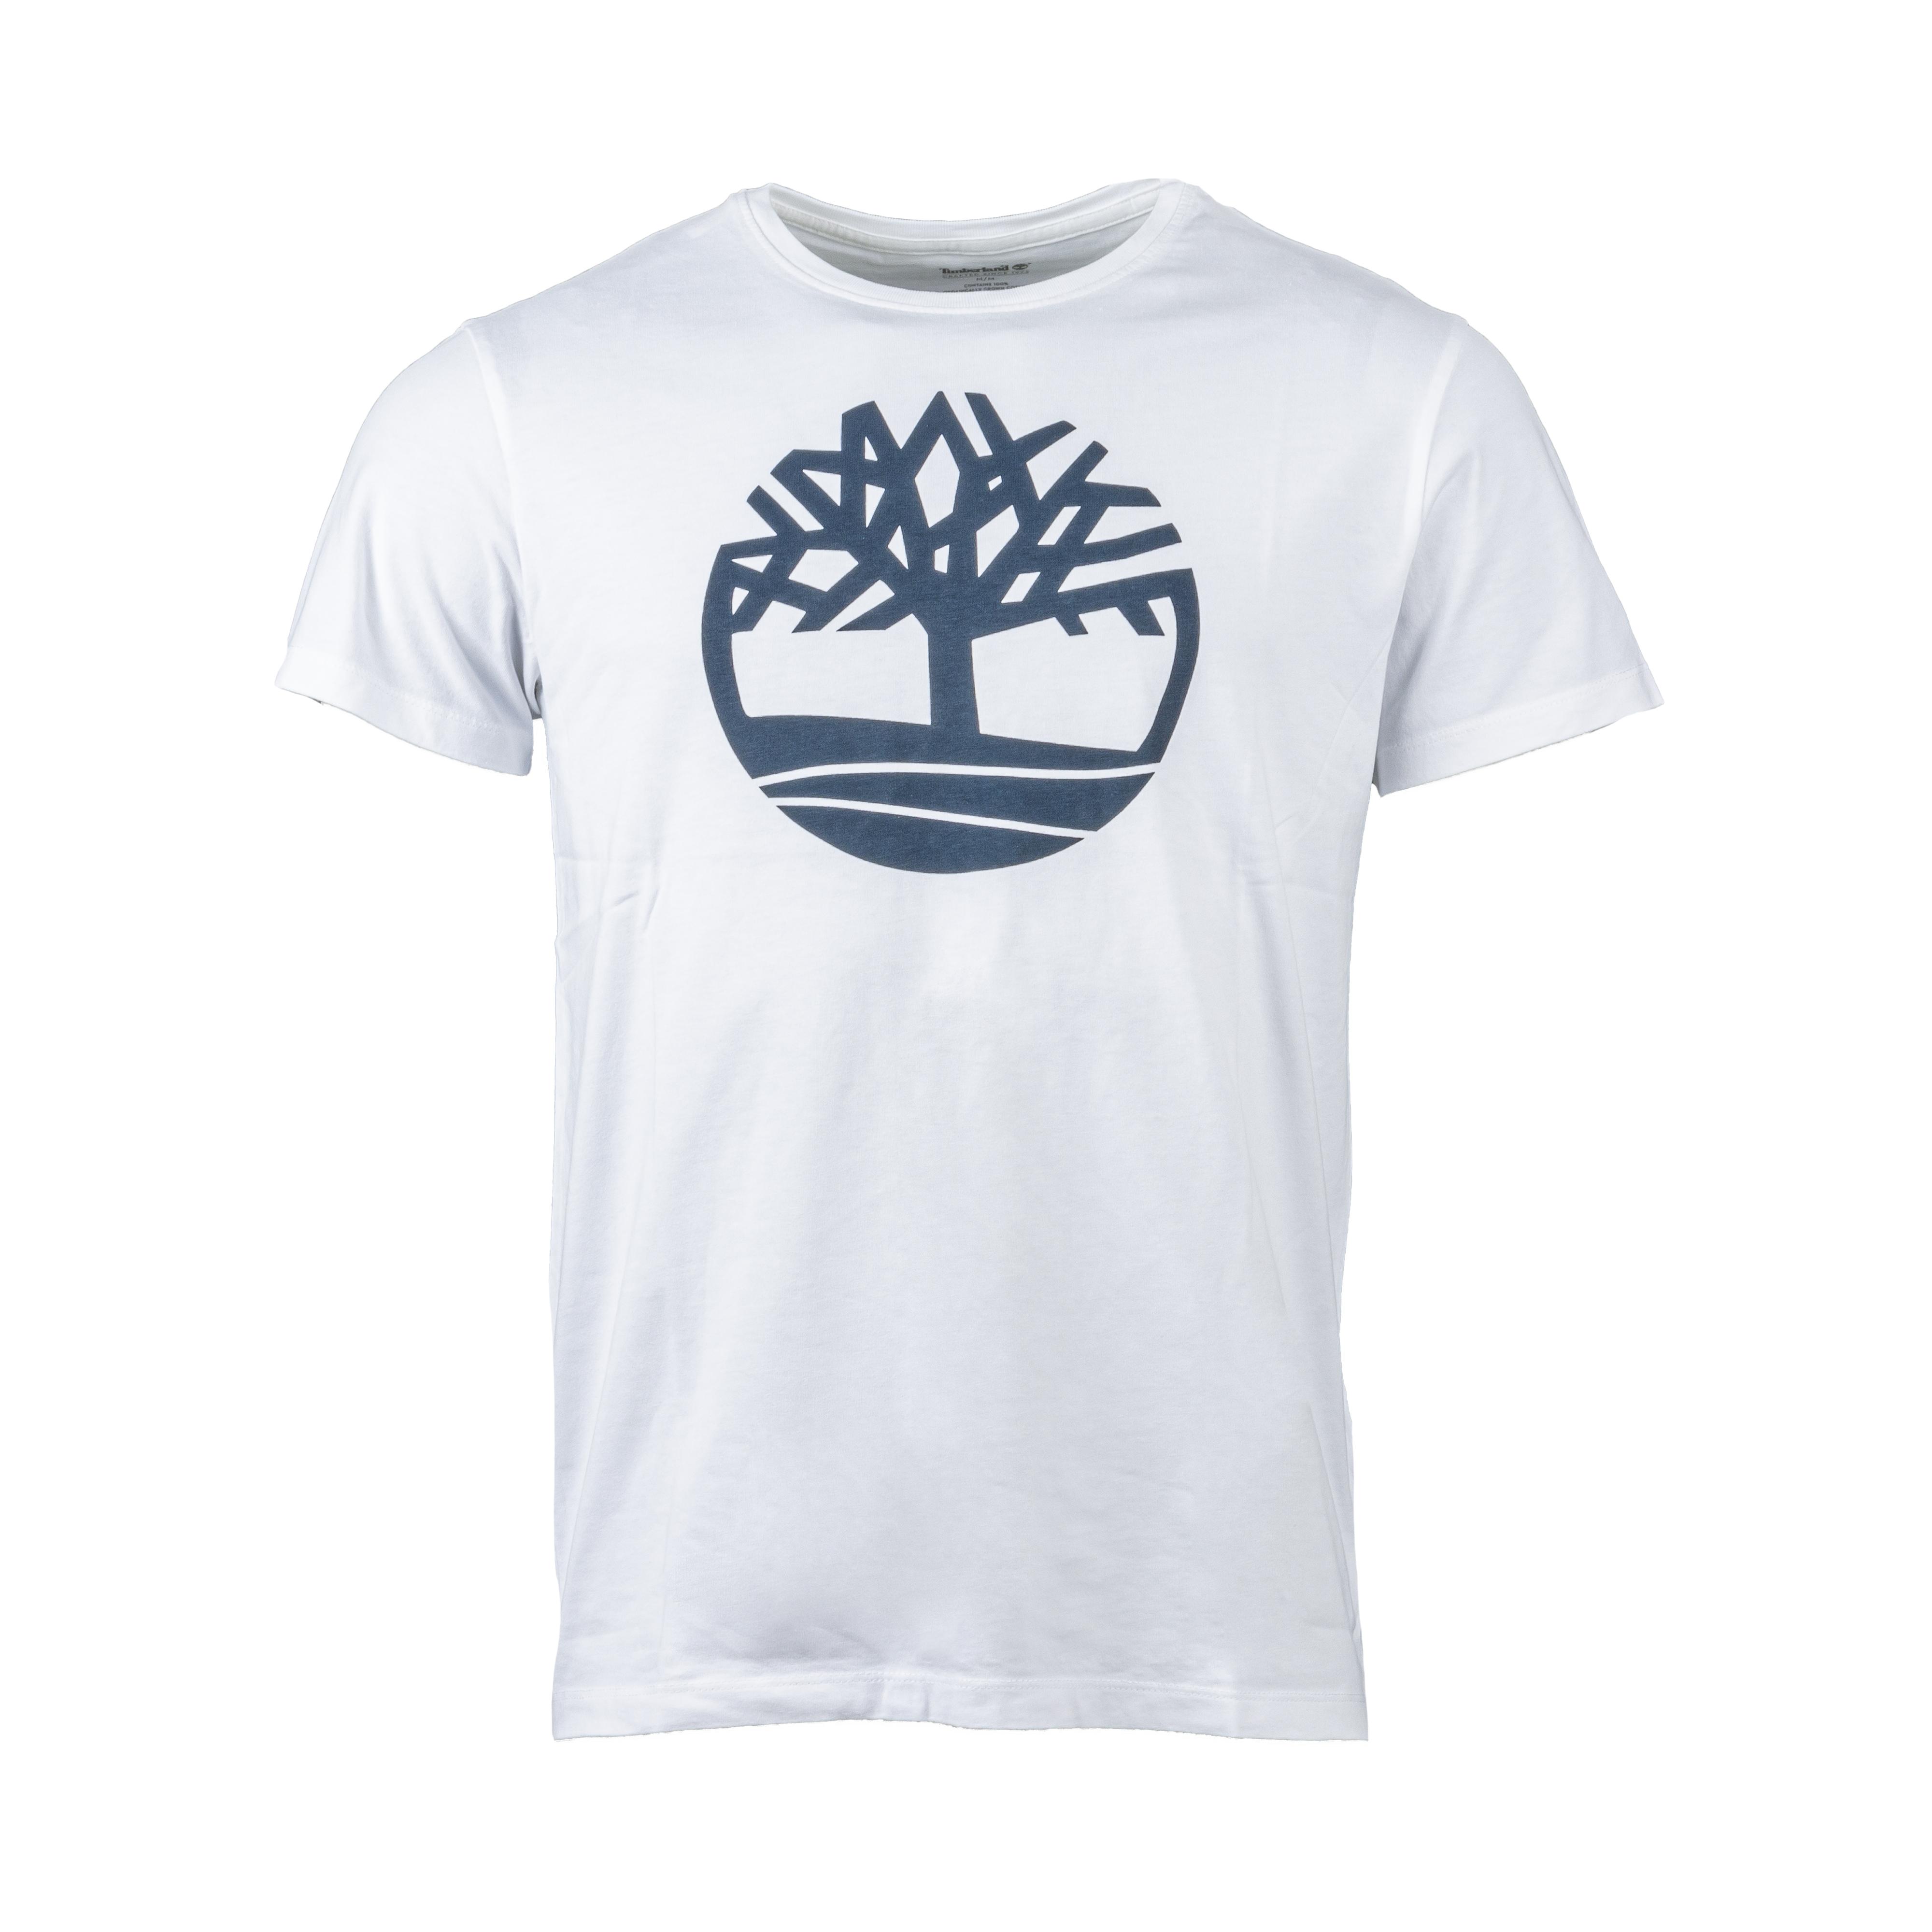 Tee-shirt  en coton blanc floqué